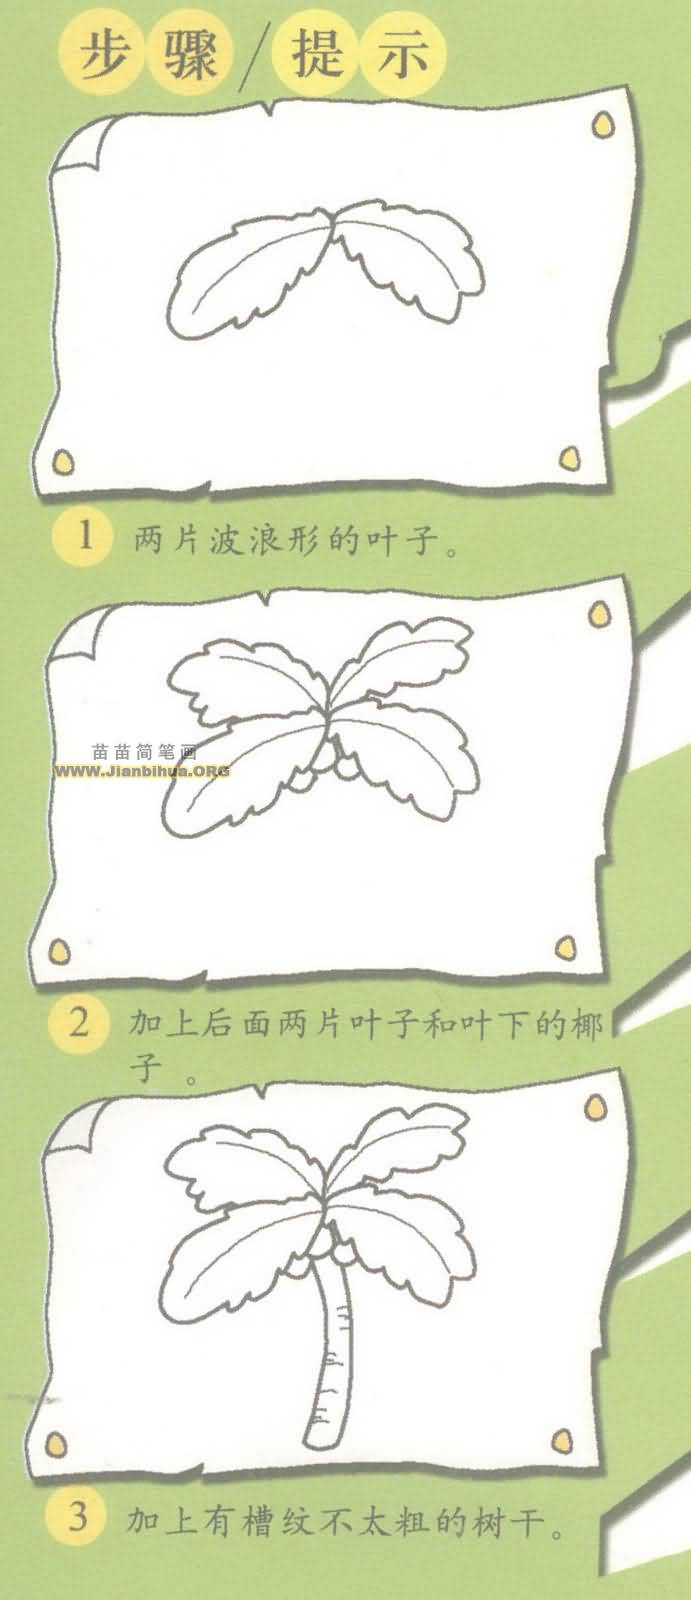 椰子树简笔画图片